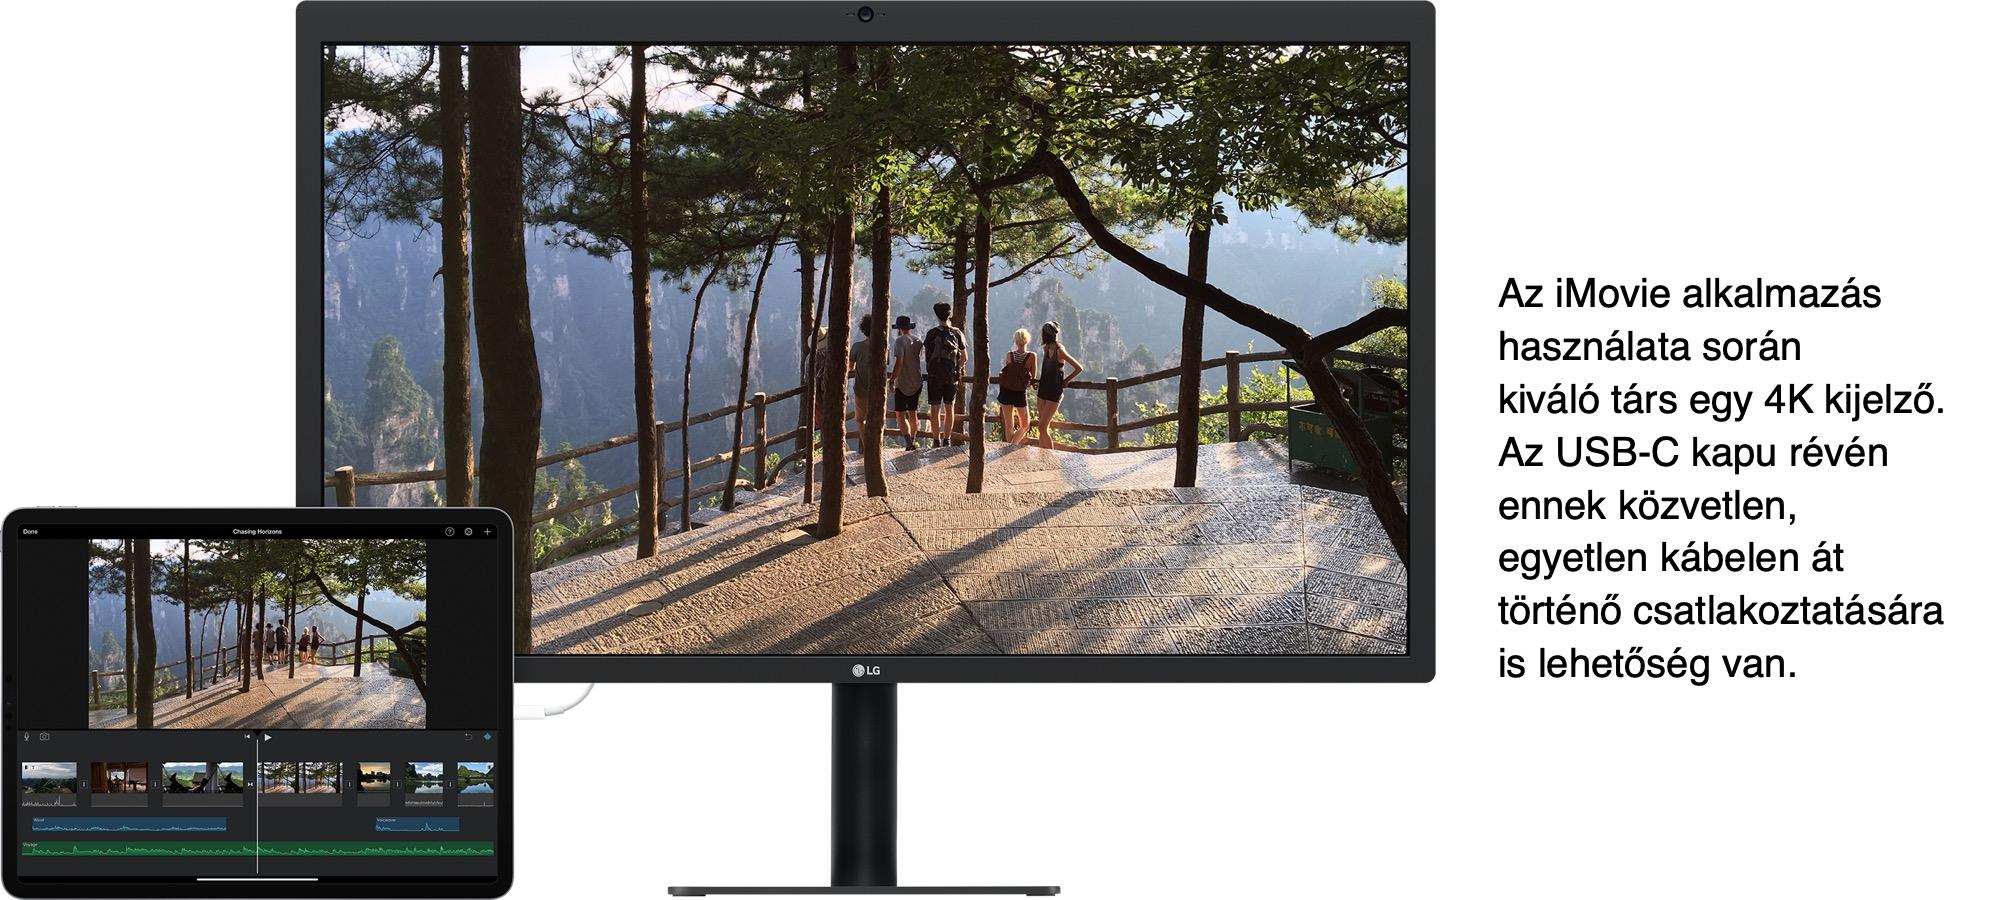 Az iMovie alkalmazás használata során kiváló társ egy 4K-s kijelző. Az USB-C kapu révén ennek közvetlen, egyetlen kábelen át történő csatlakoztatására is lehetőség van.